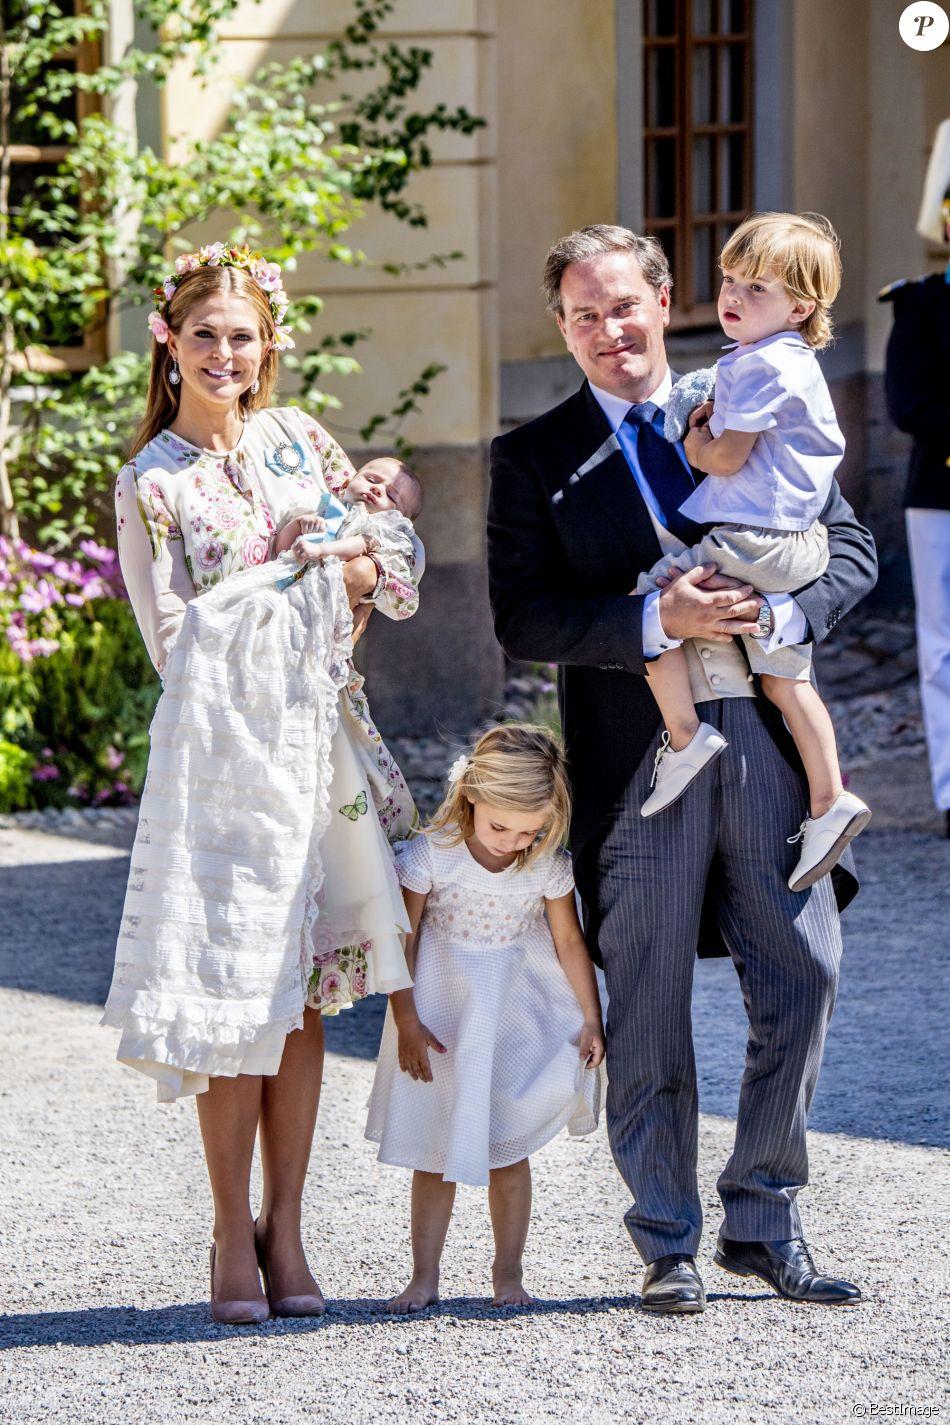 La princesse Madeleine de Suède et Christopher O'Neill lors du baptême de leur fille Adrienne, en compagnie de leurs deux autres enfants, la princesse Leonore et le prince Nicolas, à Stockholm le 8 juin 2018.